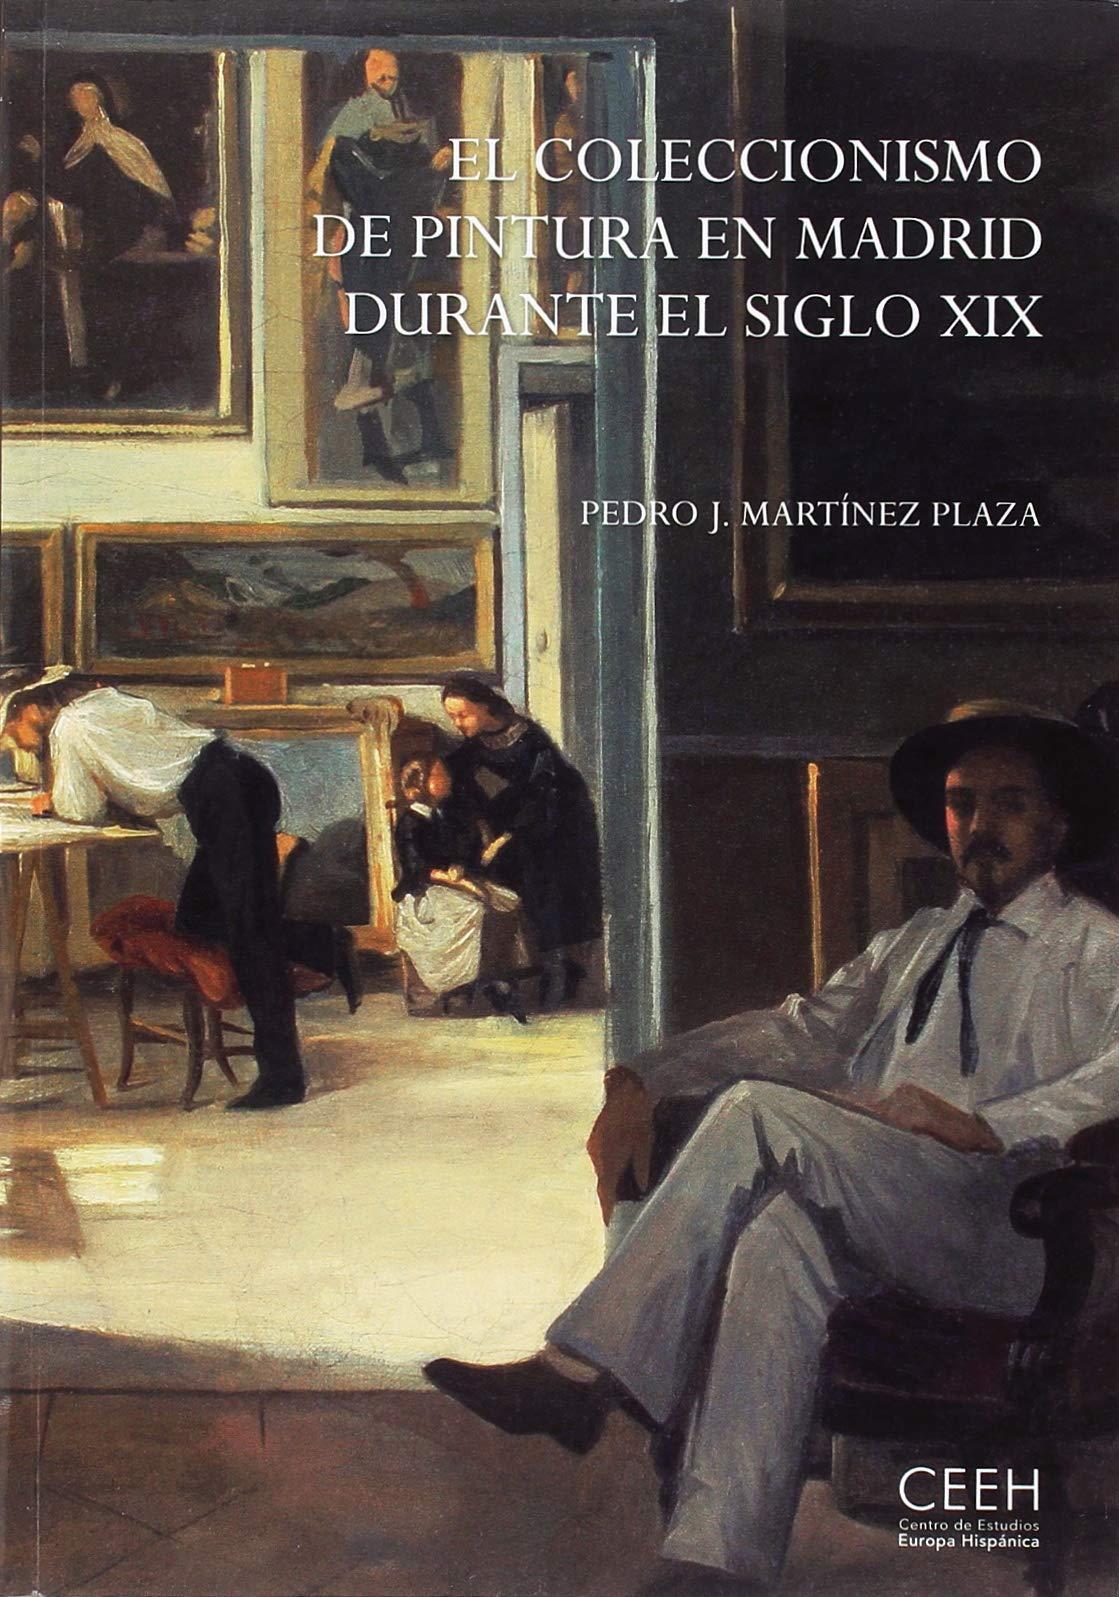 El coleccionismo de pintura en Madrid durante el siglo XIX: El coleccionismo de pintura en Madrid durante el siglo XIX. La escuela española en las colecciones privadas y el mercado Confluencias: Amazon.es: